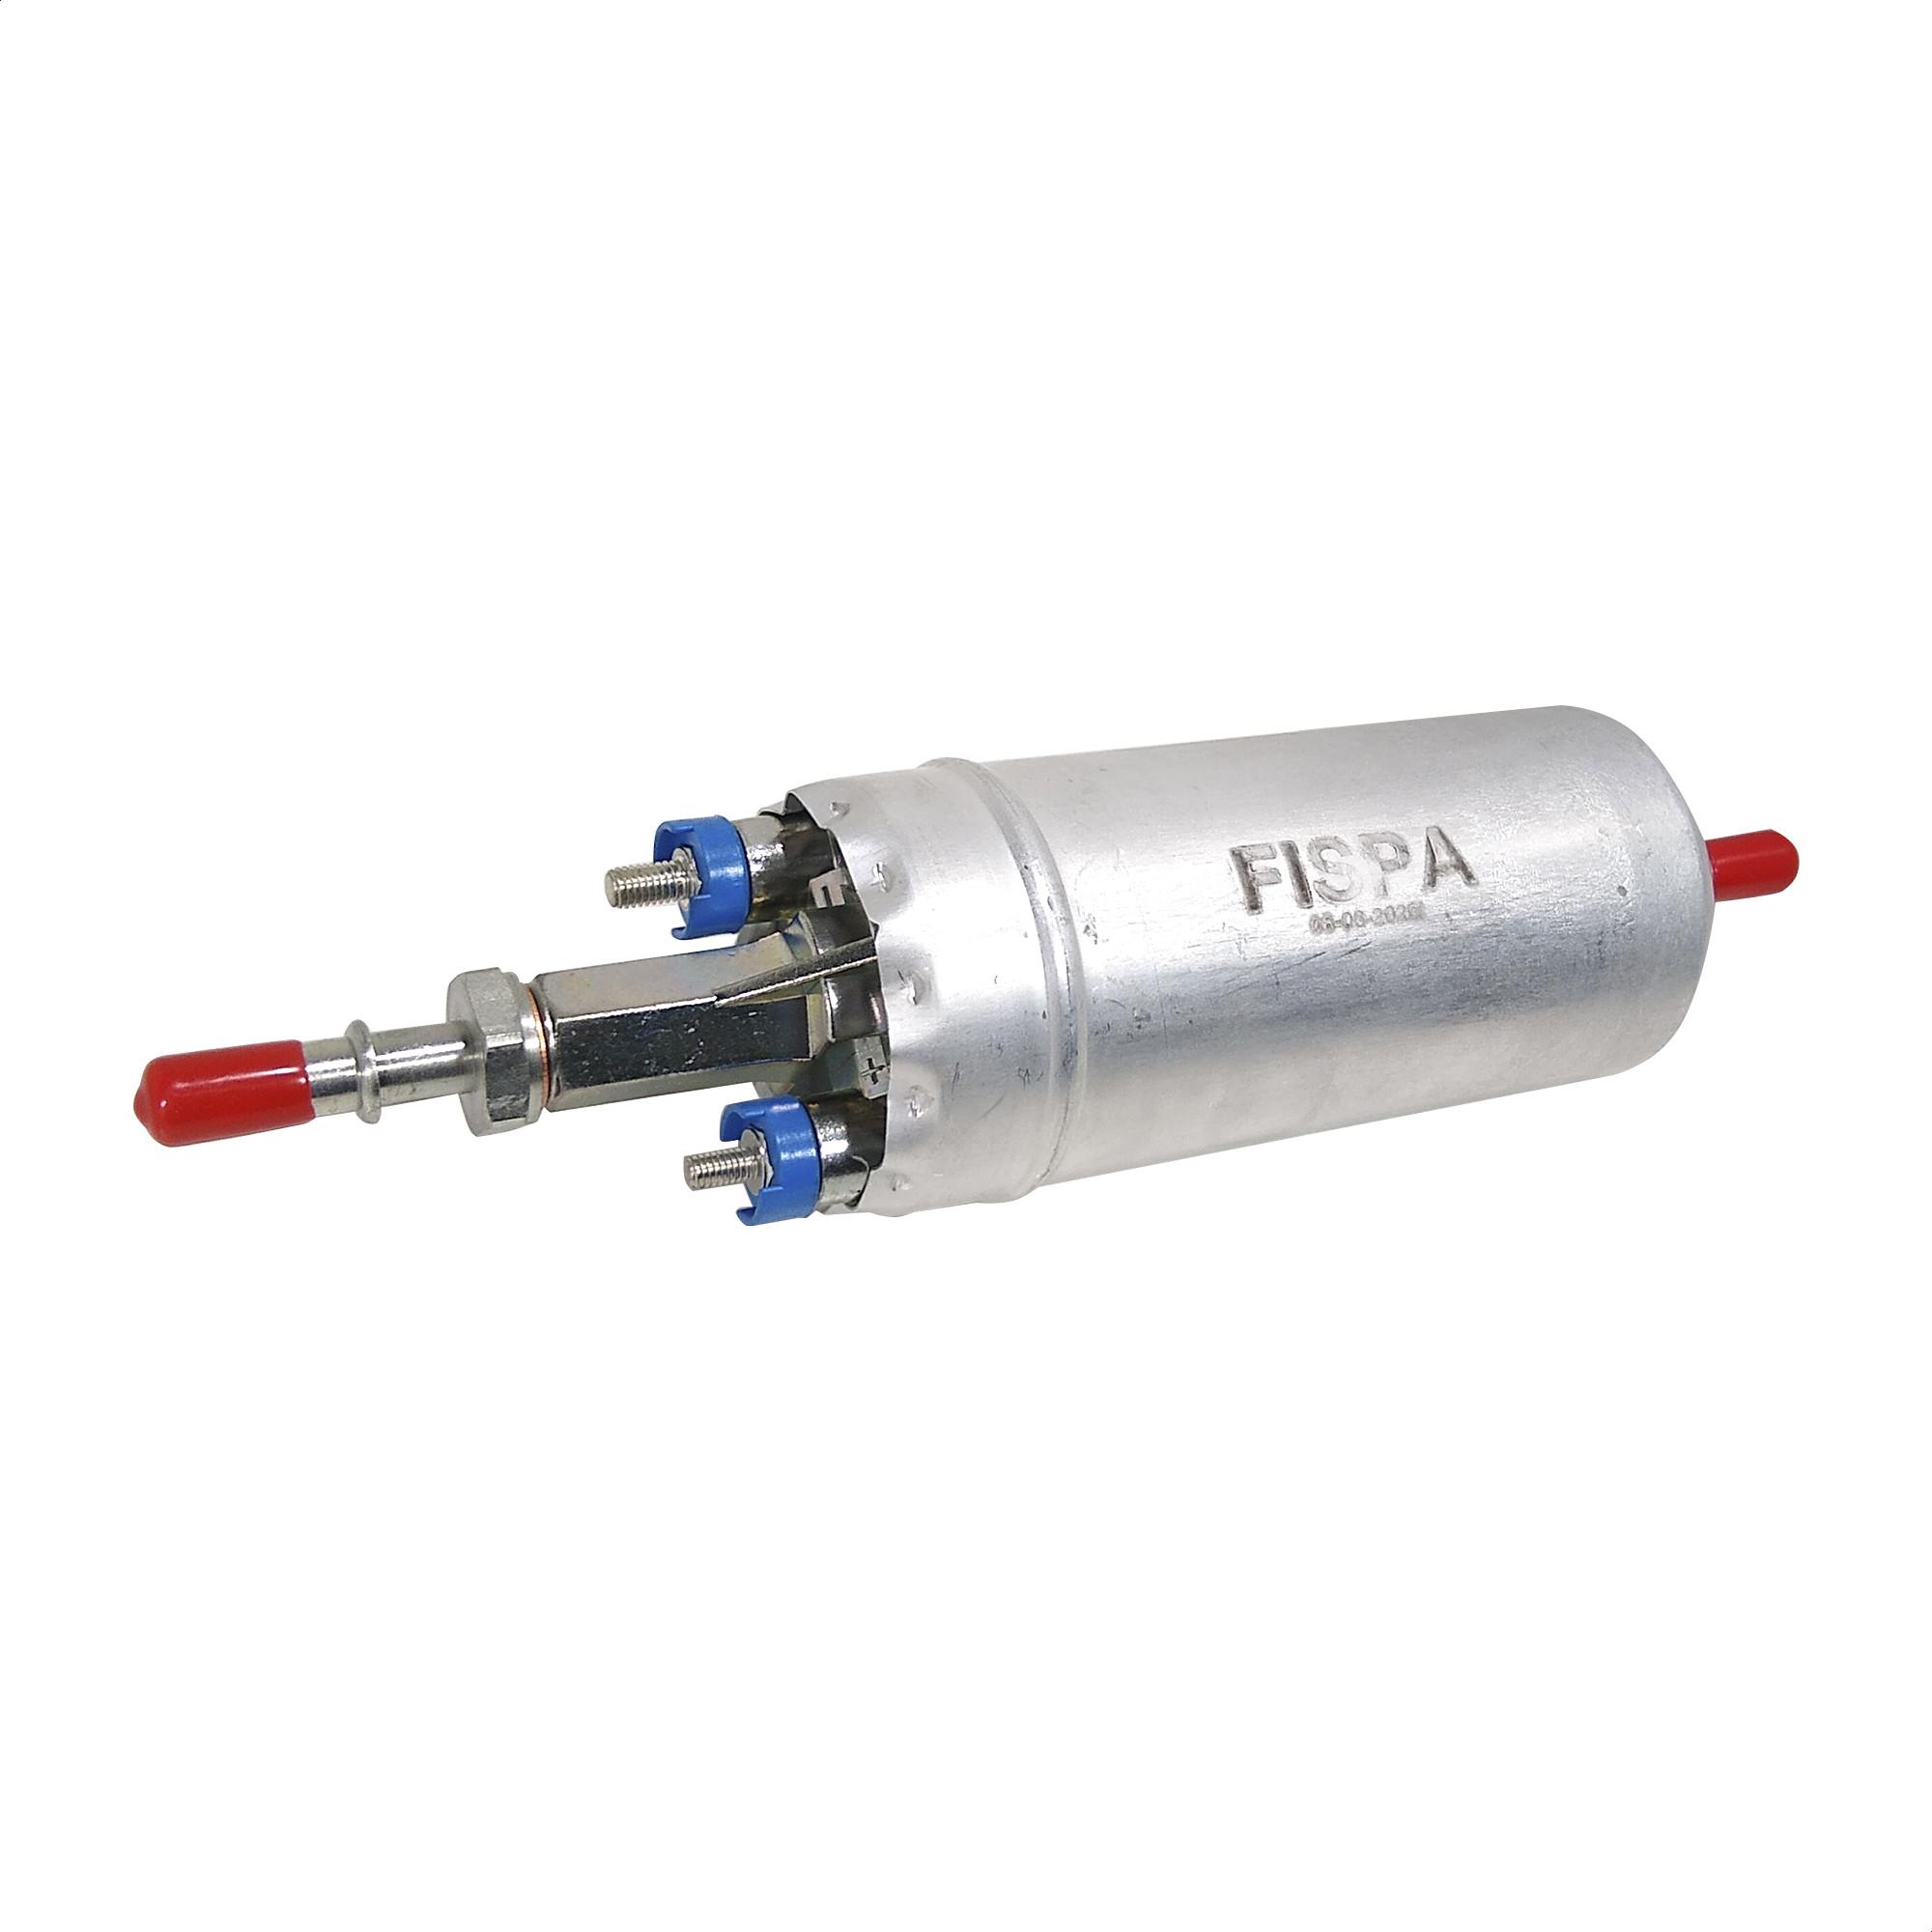 Bomba Electrica Fispa 64033 Iveco Daily 35 40 45 50 70